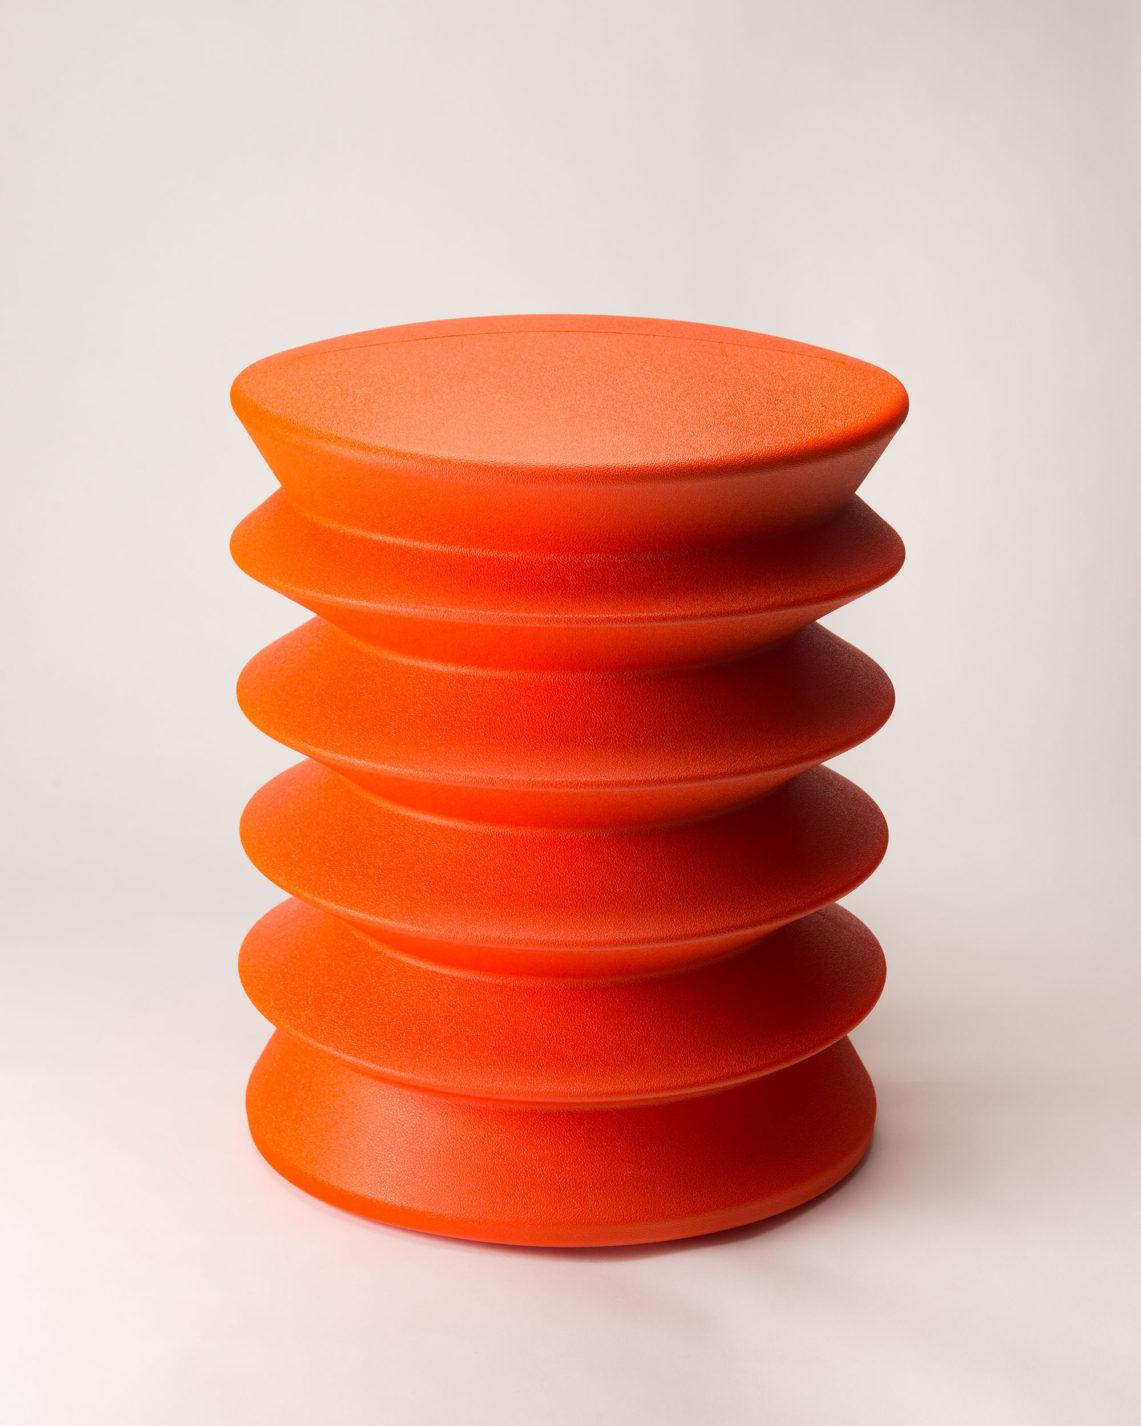 Tabouret cylindrique formé d'une seule pièce de plastique rouge pliée en accordéon au dessus légèrement bombé.